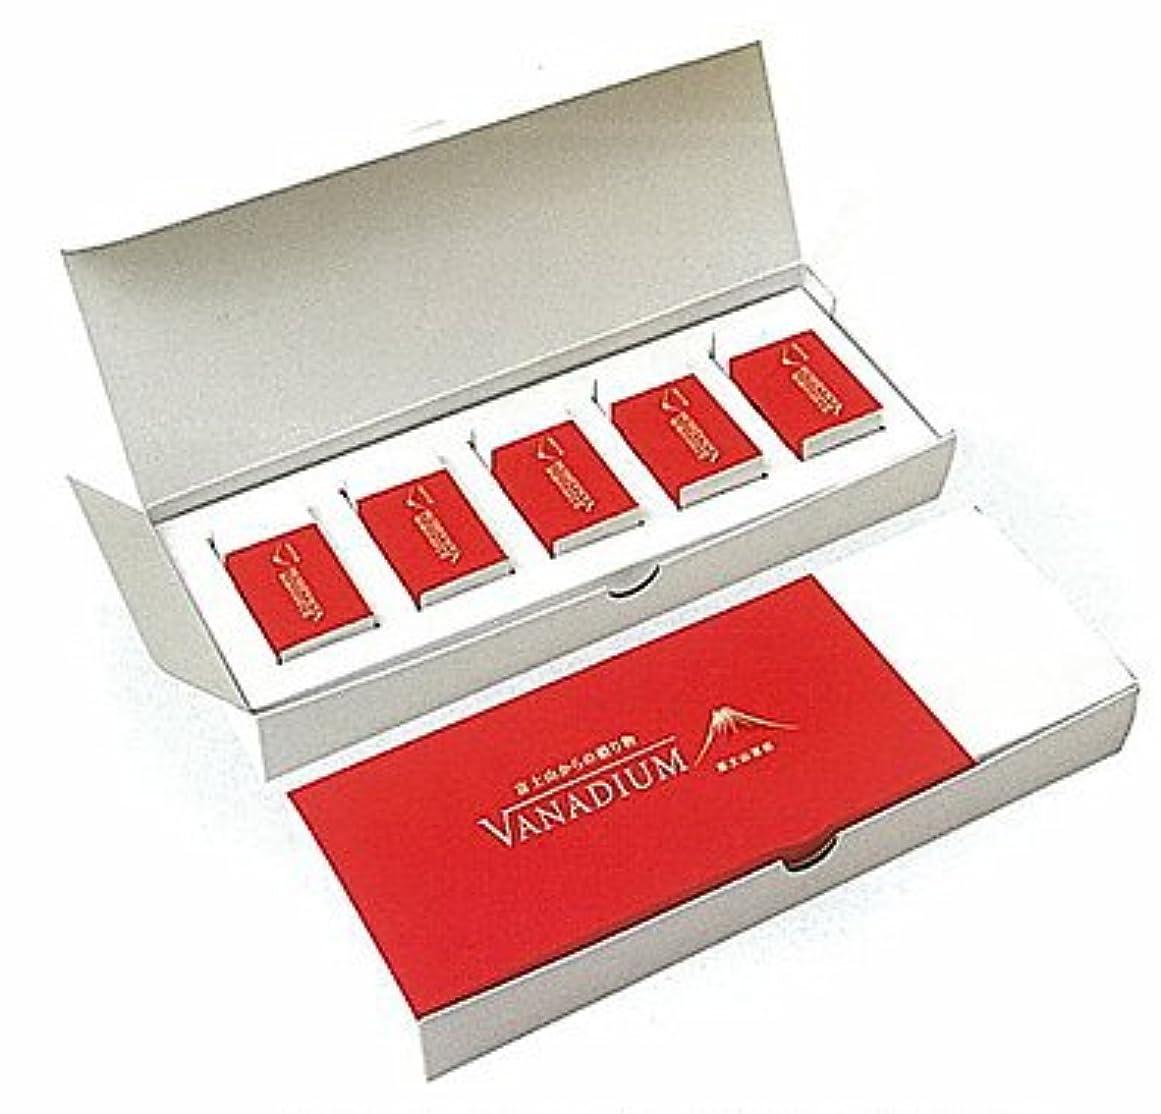 武装解除薬を飲む魂バナジウム365 5個セット(化粧箱入り)